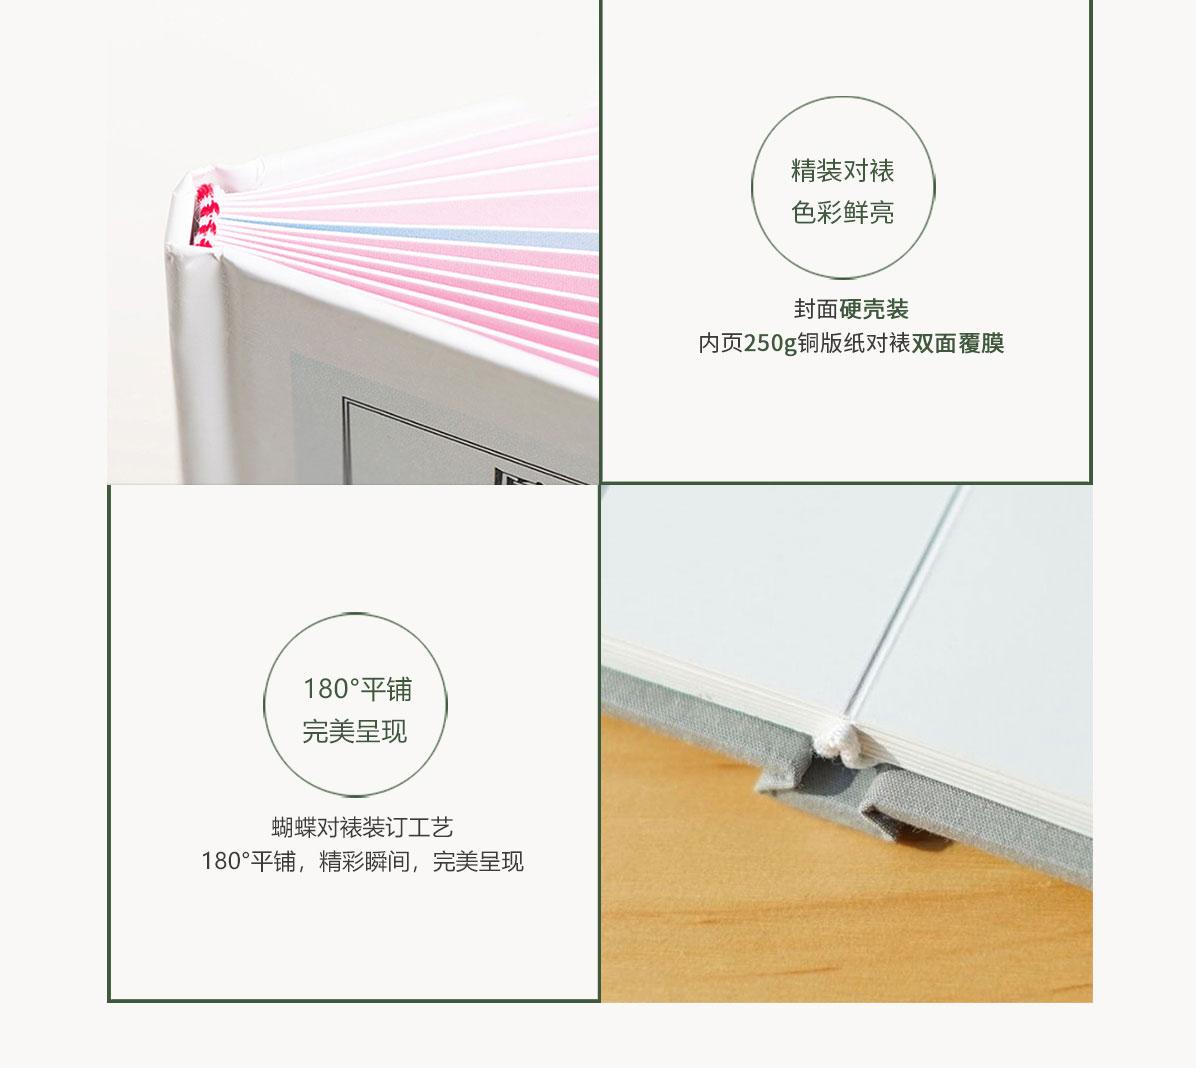 相册-军旅精装册01_05.jpg